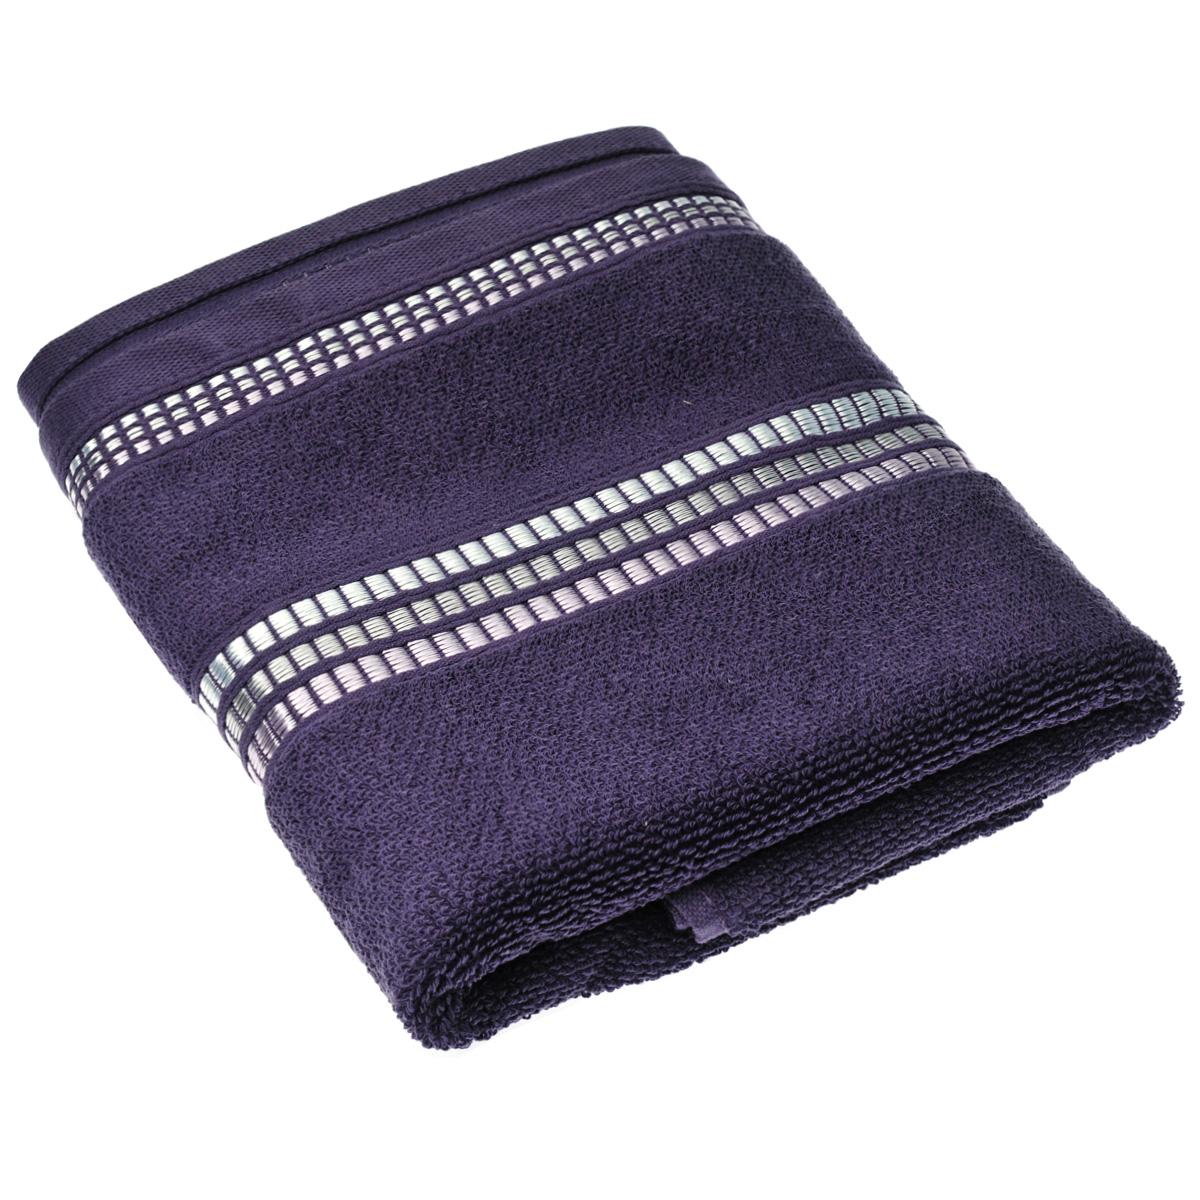 Полотенце махровое Coronet Пиано, цвет: фиолетовый, 100 х 150 смБ-МП-2020-10-12Махровое полотенце Coronet Пиано, изготовленное из натурального хлопка, подарит массу положительных эмоций и приятных ощущений. Полотенце отличается нежностью и мягкостью материала, утонченным дизайном и превосходным качеством. Оно прекрасно впитывает влагу, быстро сохнет и не теряет своих свойств после многократных стирок. Махровое полотенце Coronet Пиано станет достойным выбором для вас и приятным подарком для ваших близких. Мягкость и высокое качество материала, из которого изготовлены полотенца не оставит вас равнодушными.